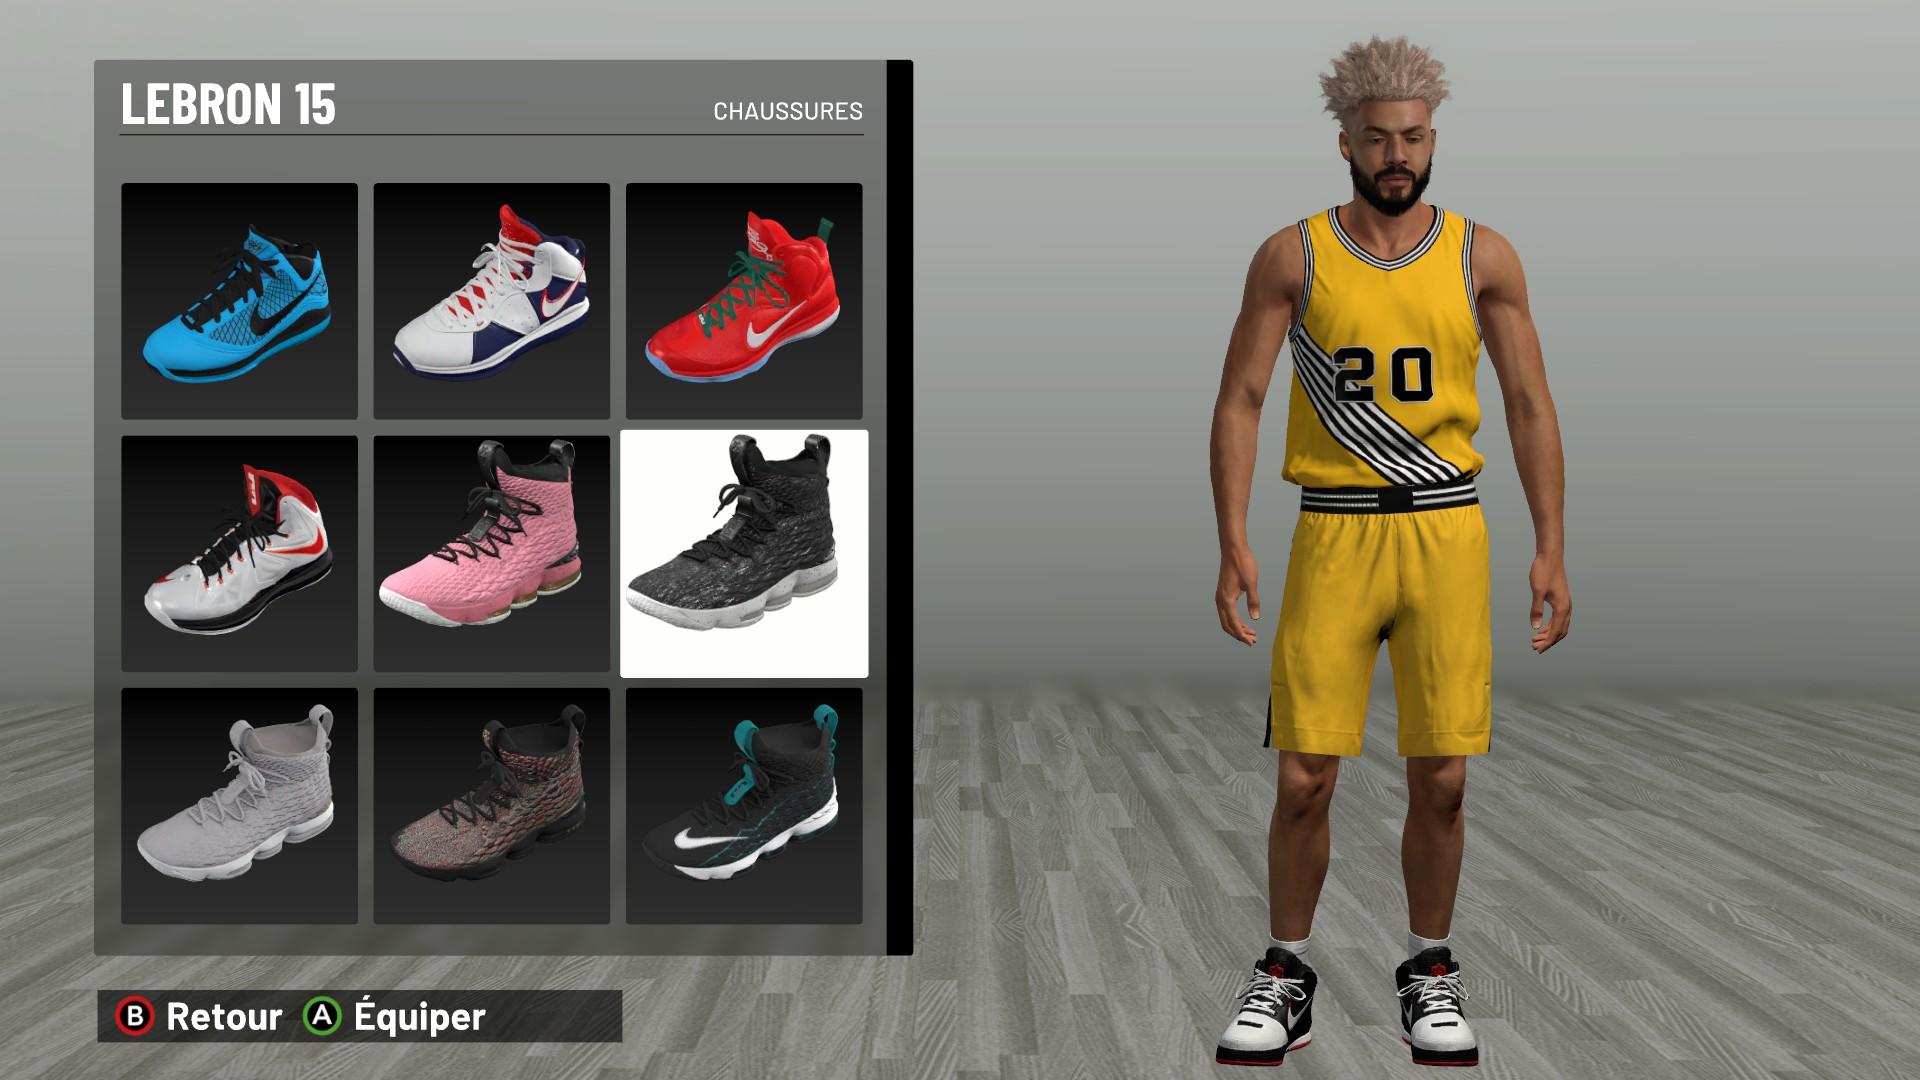 20180916140330 1 - [ TEST ] NBA 2K19 (PC, PS4, Xbox One, Switch) : encore une référence